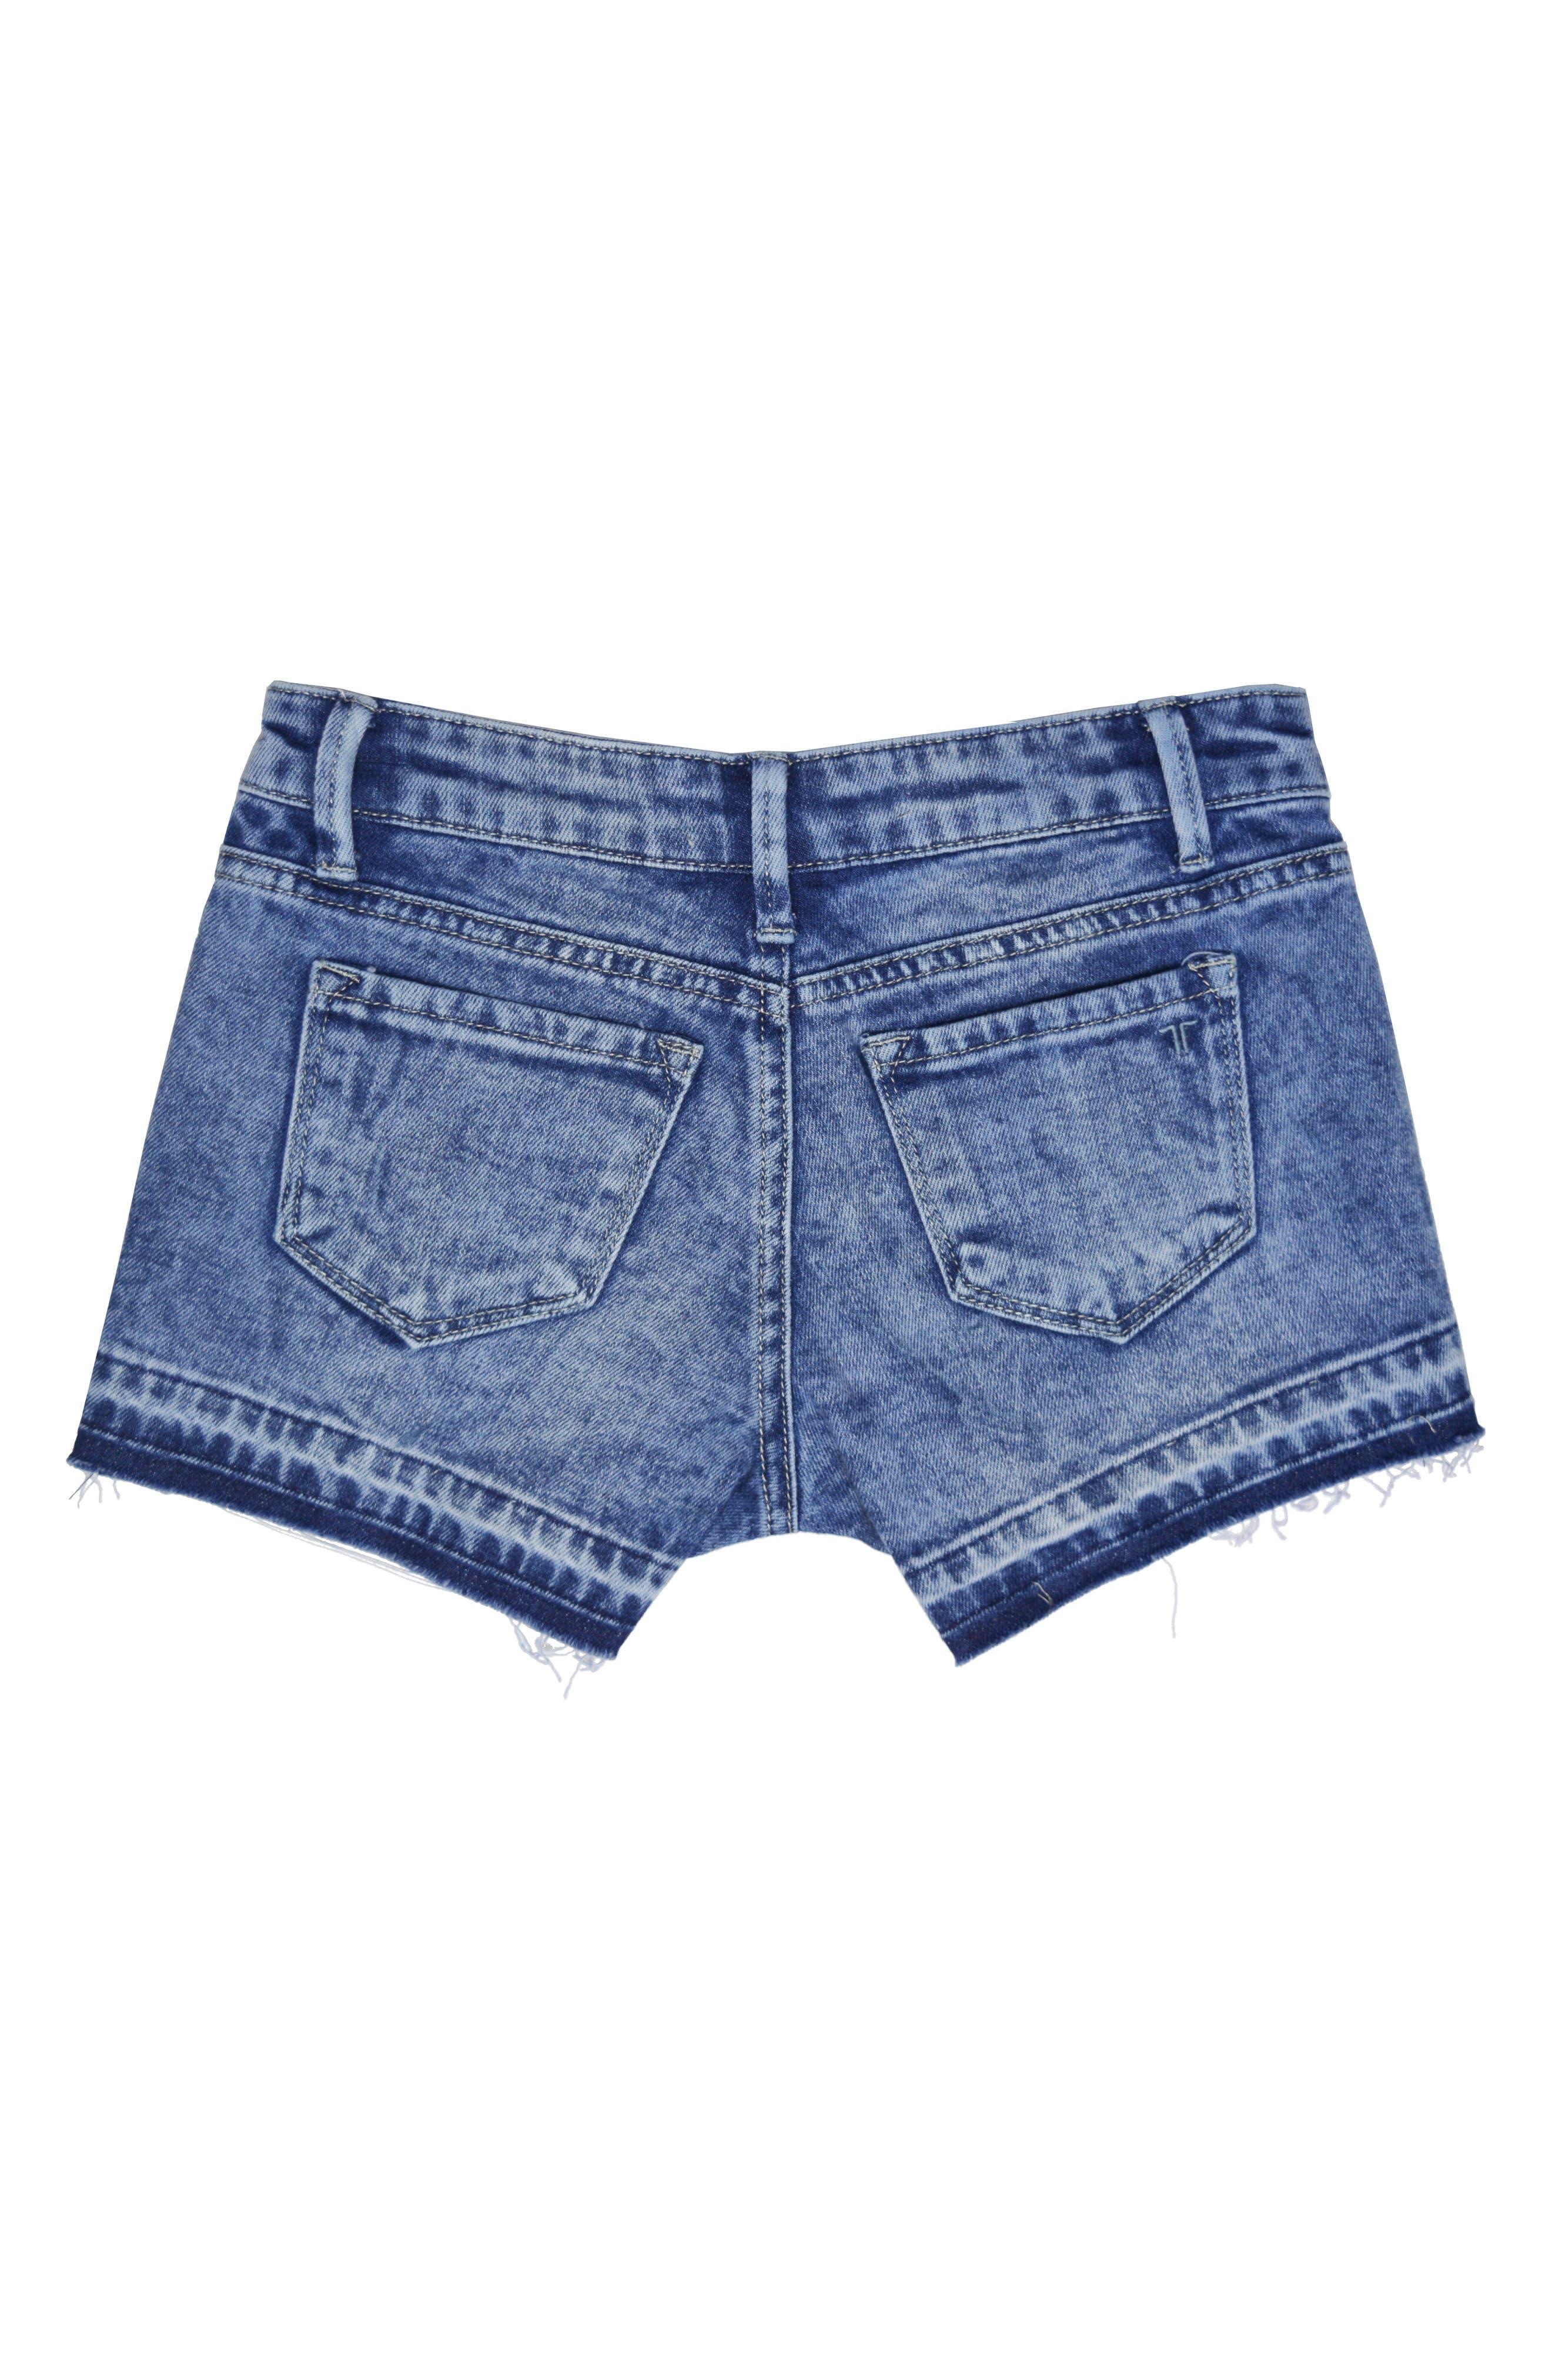 Step Hem Cutoff Denim Shorts,                             Alternate thumbnail 2, color,                             416